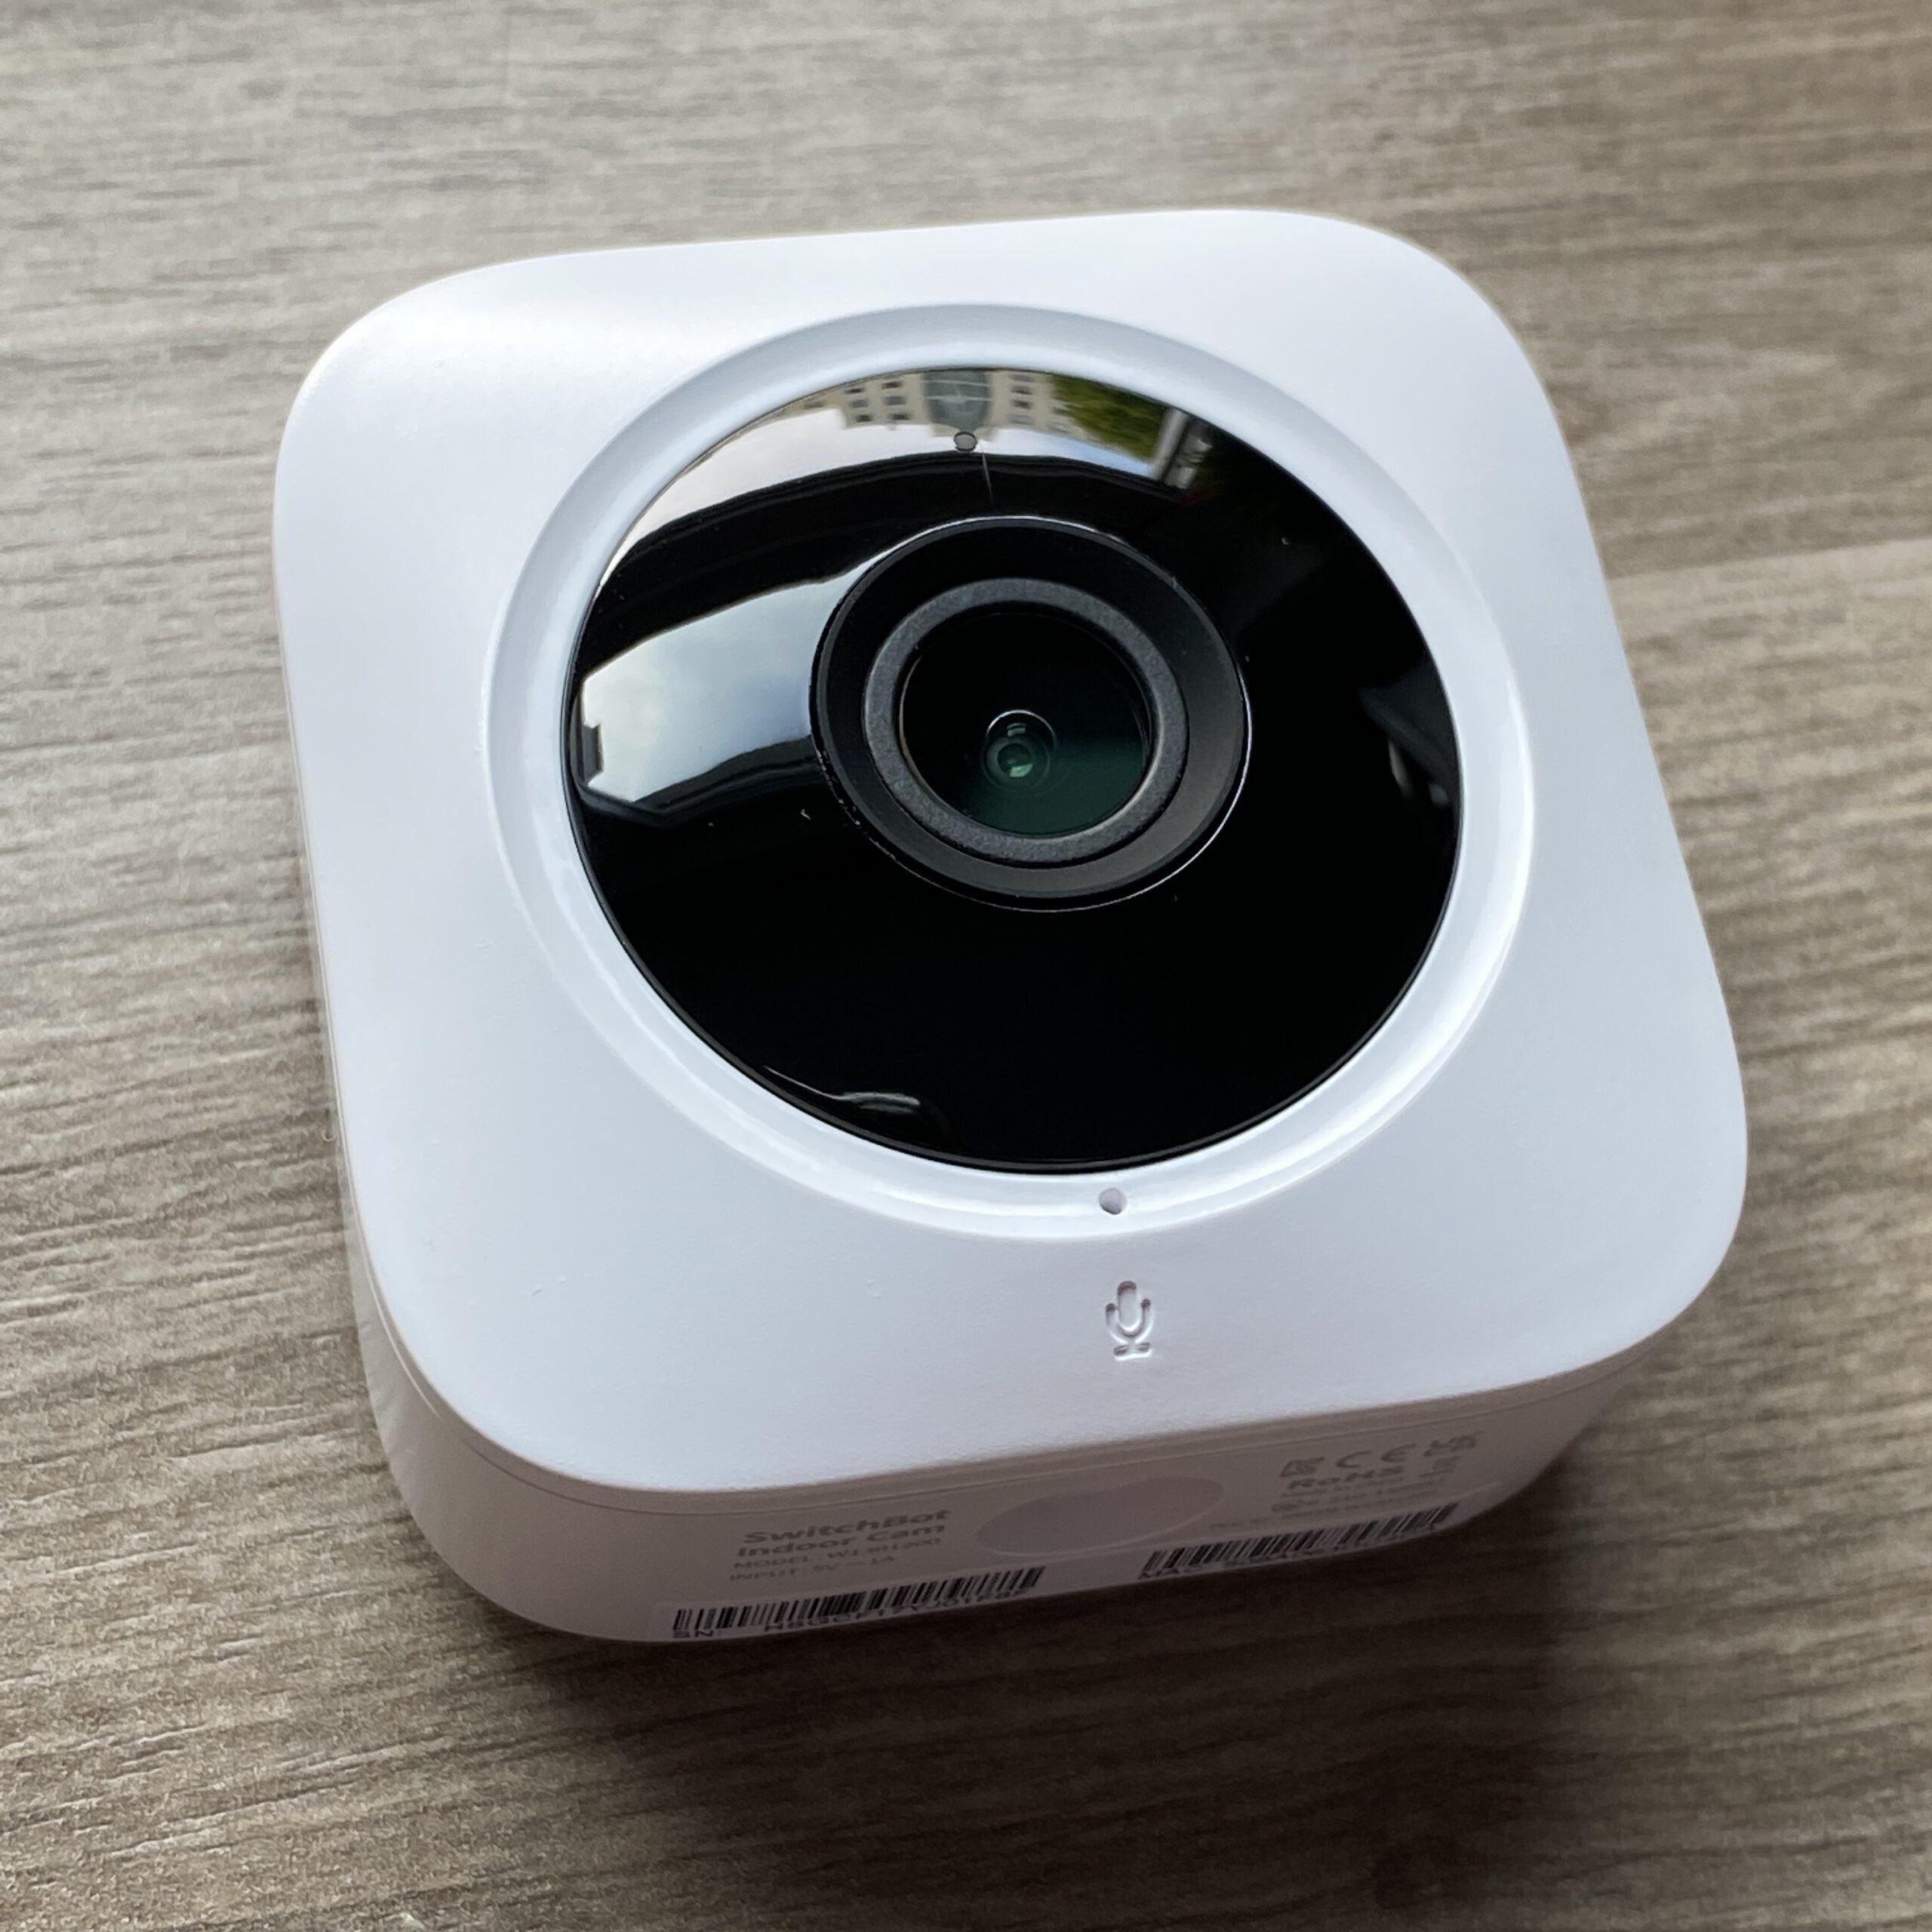 Abbildung der smarten Indoor Switchbot Überwachungskamera.